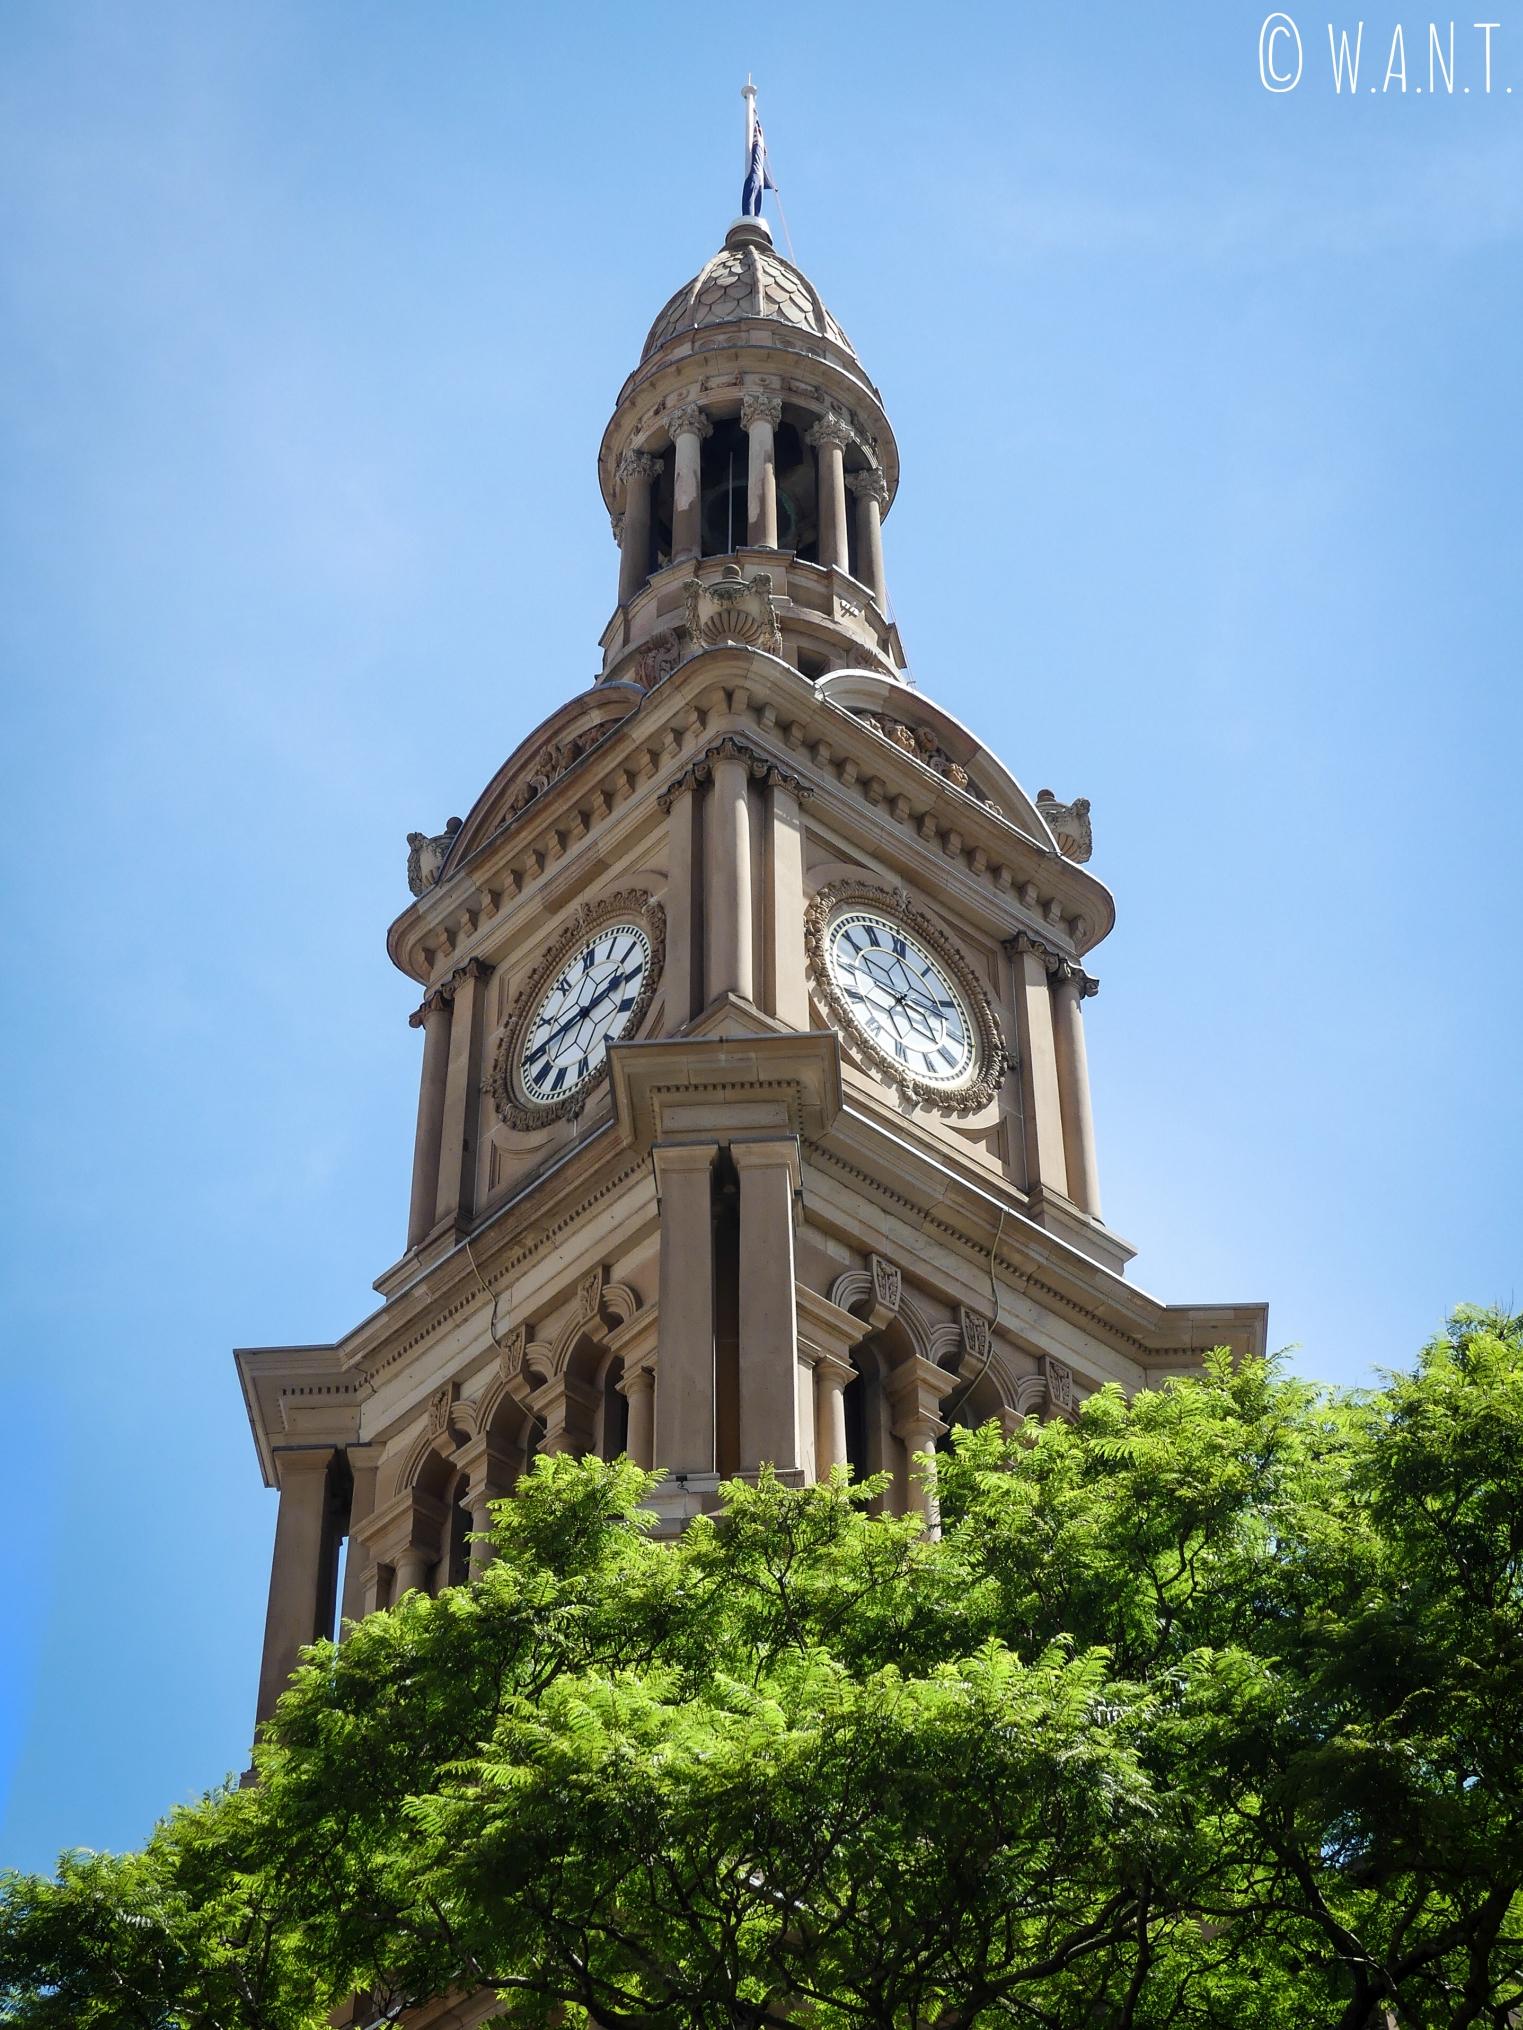 Gros plan sur l'horloge du Town Hall